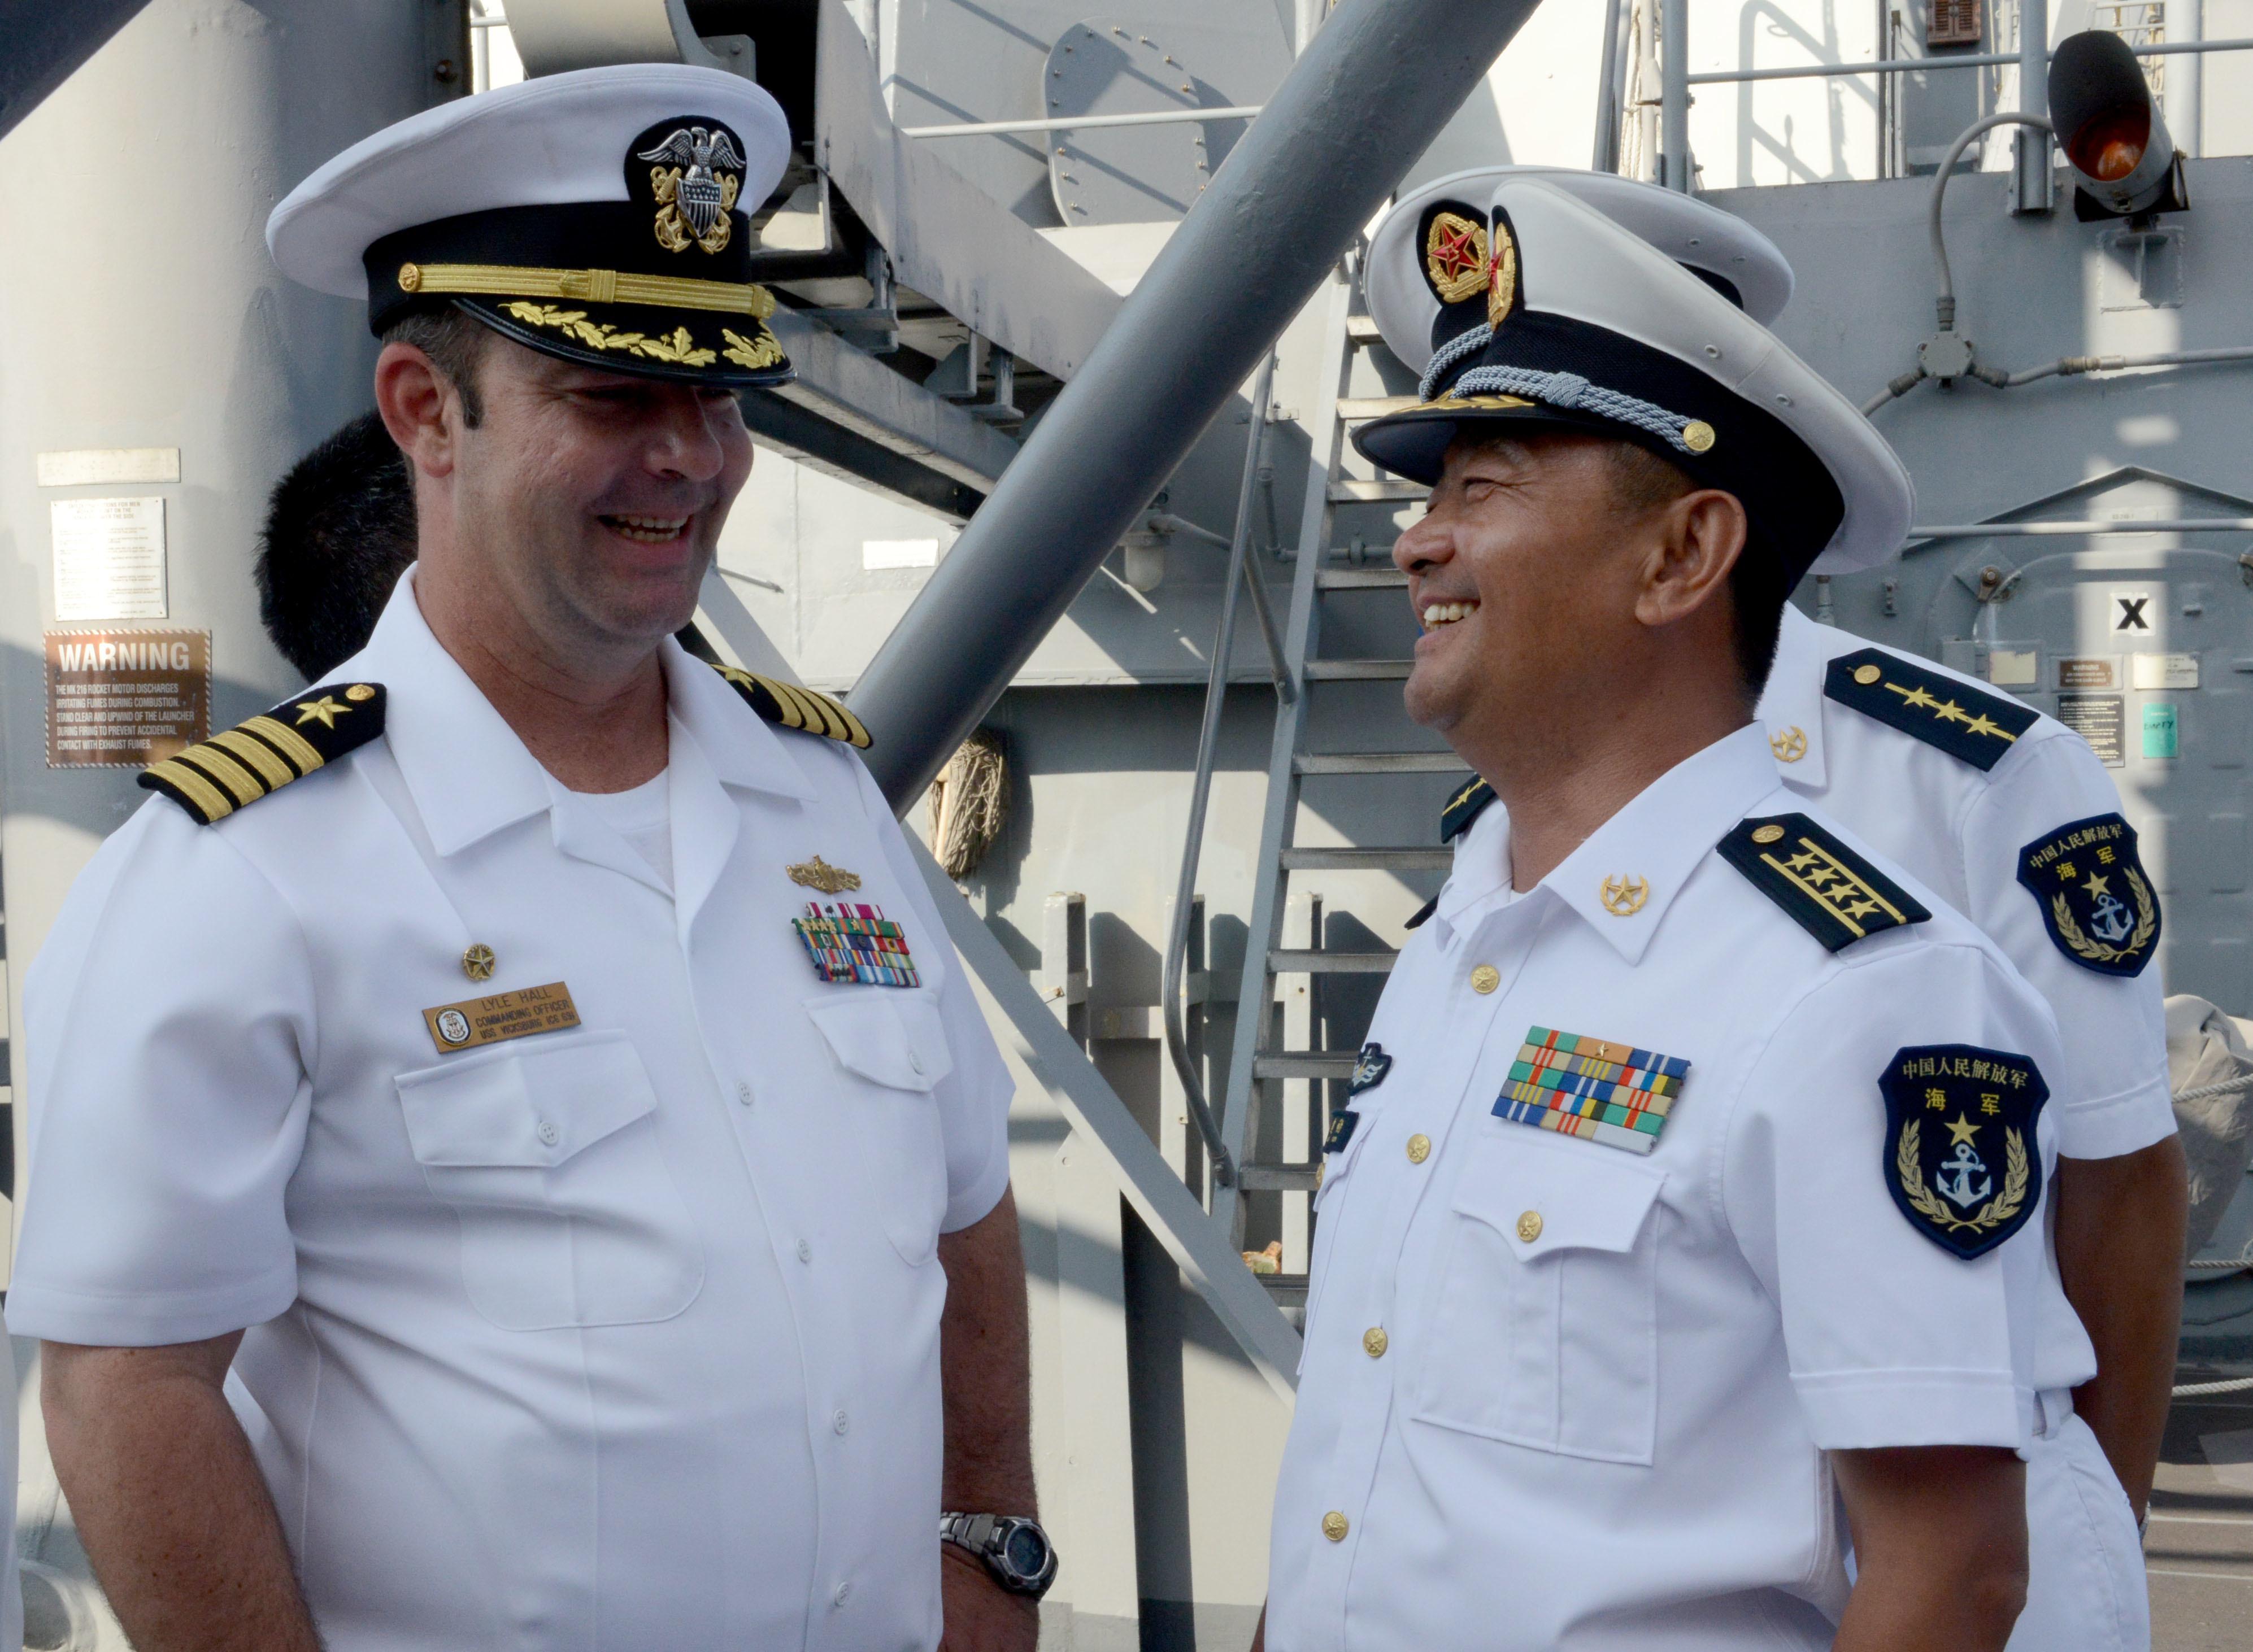 Смотреть фотографии капитанов дальнего плавания